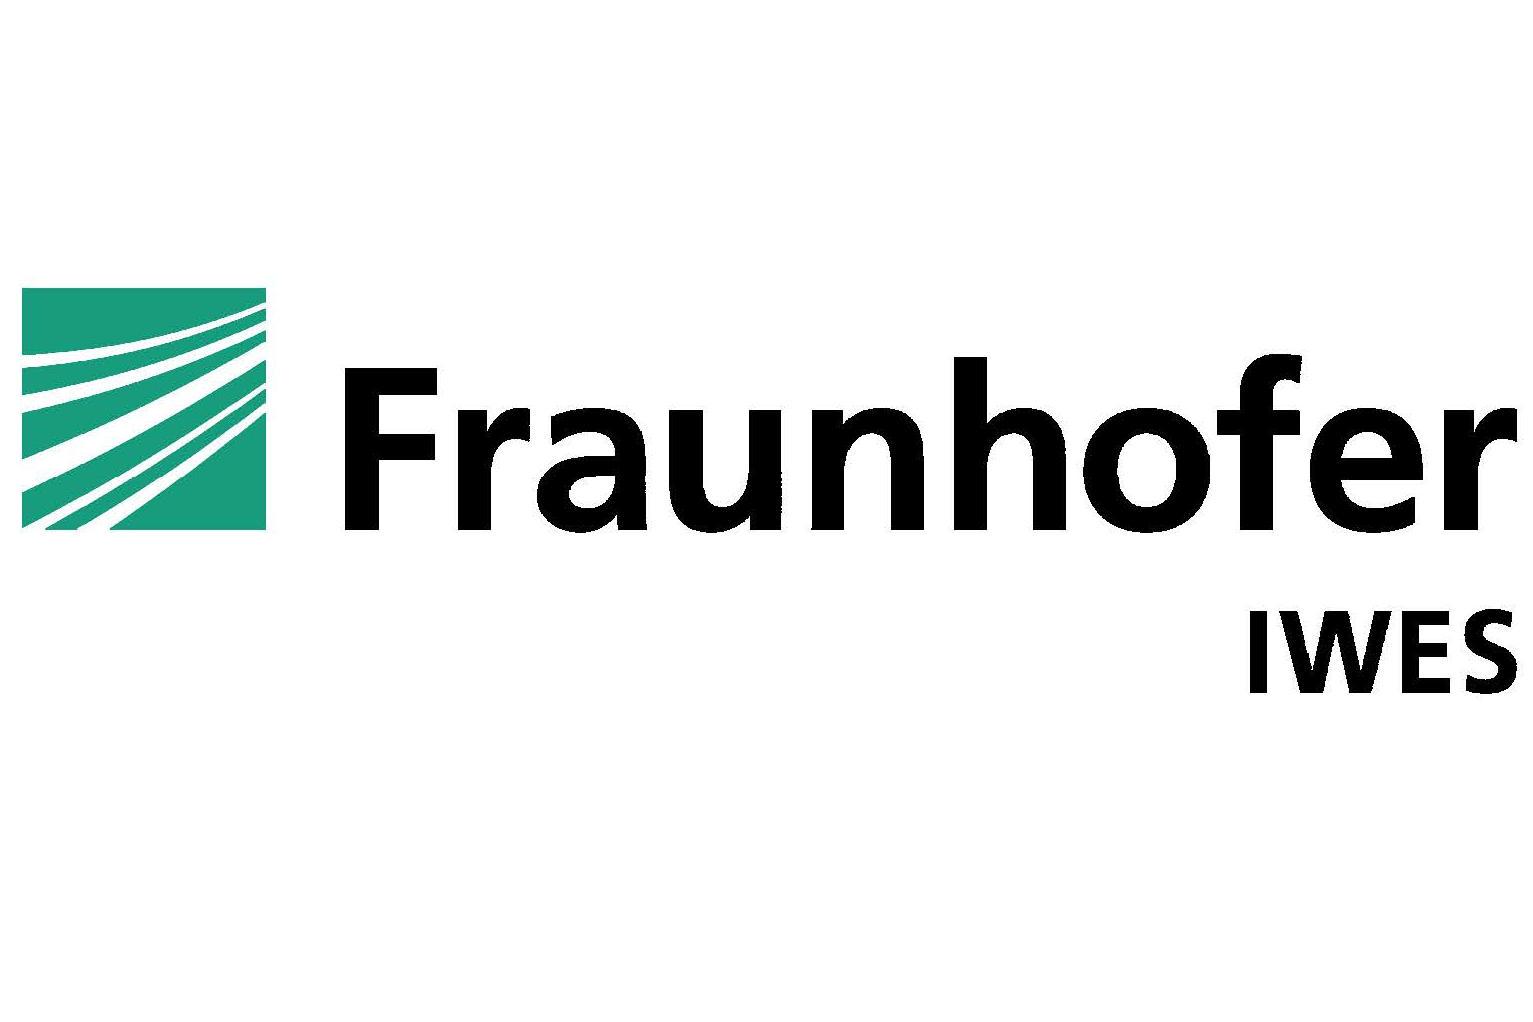 Das Logo des Fraunhofer Institut für Fertigungstechnik und angewandte Materialforschung